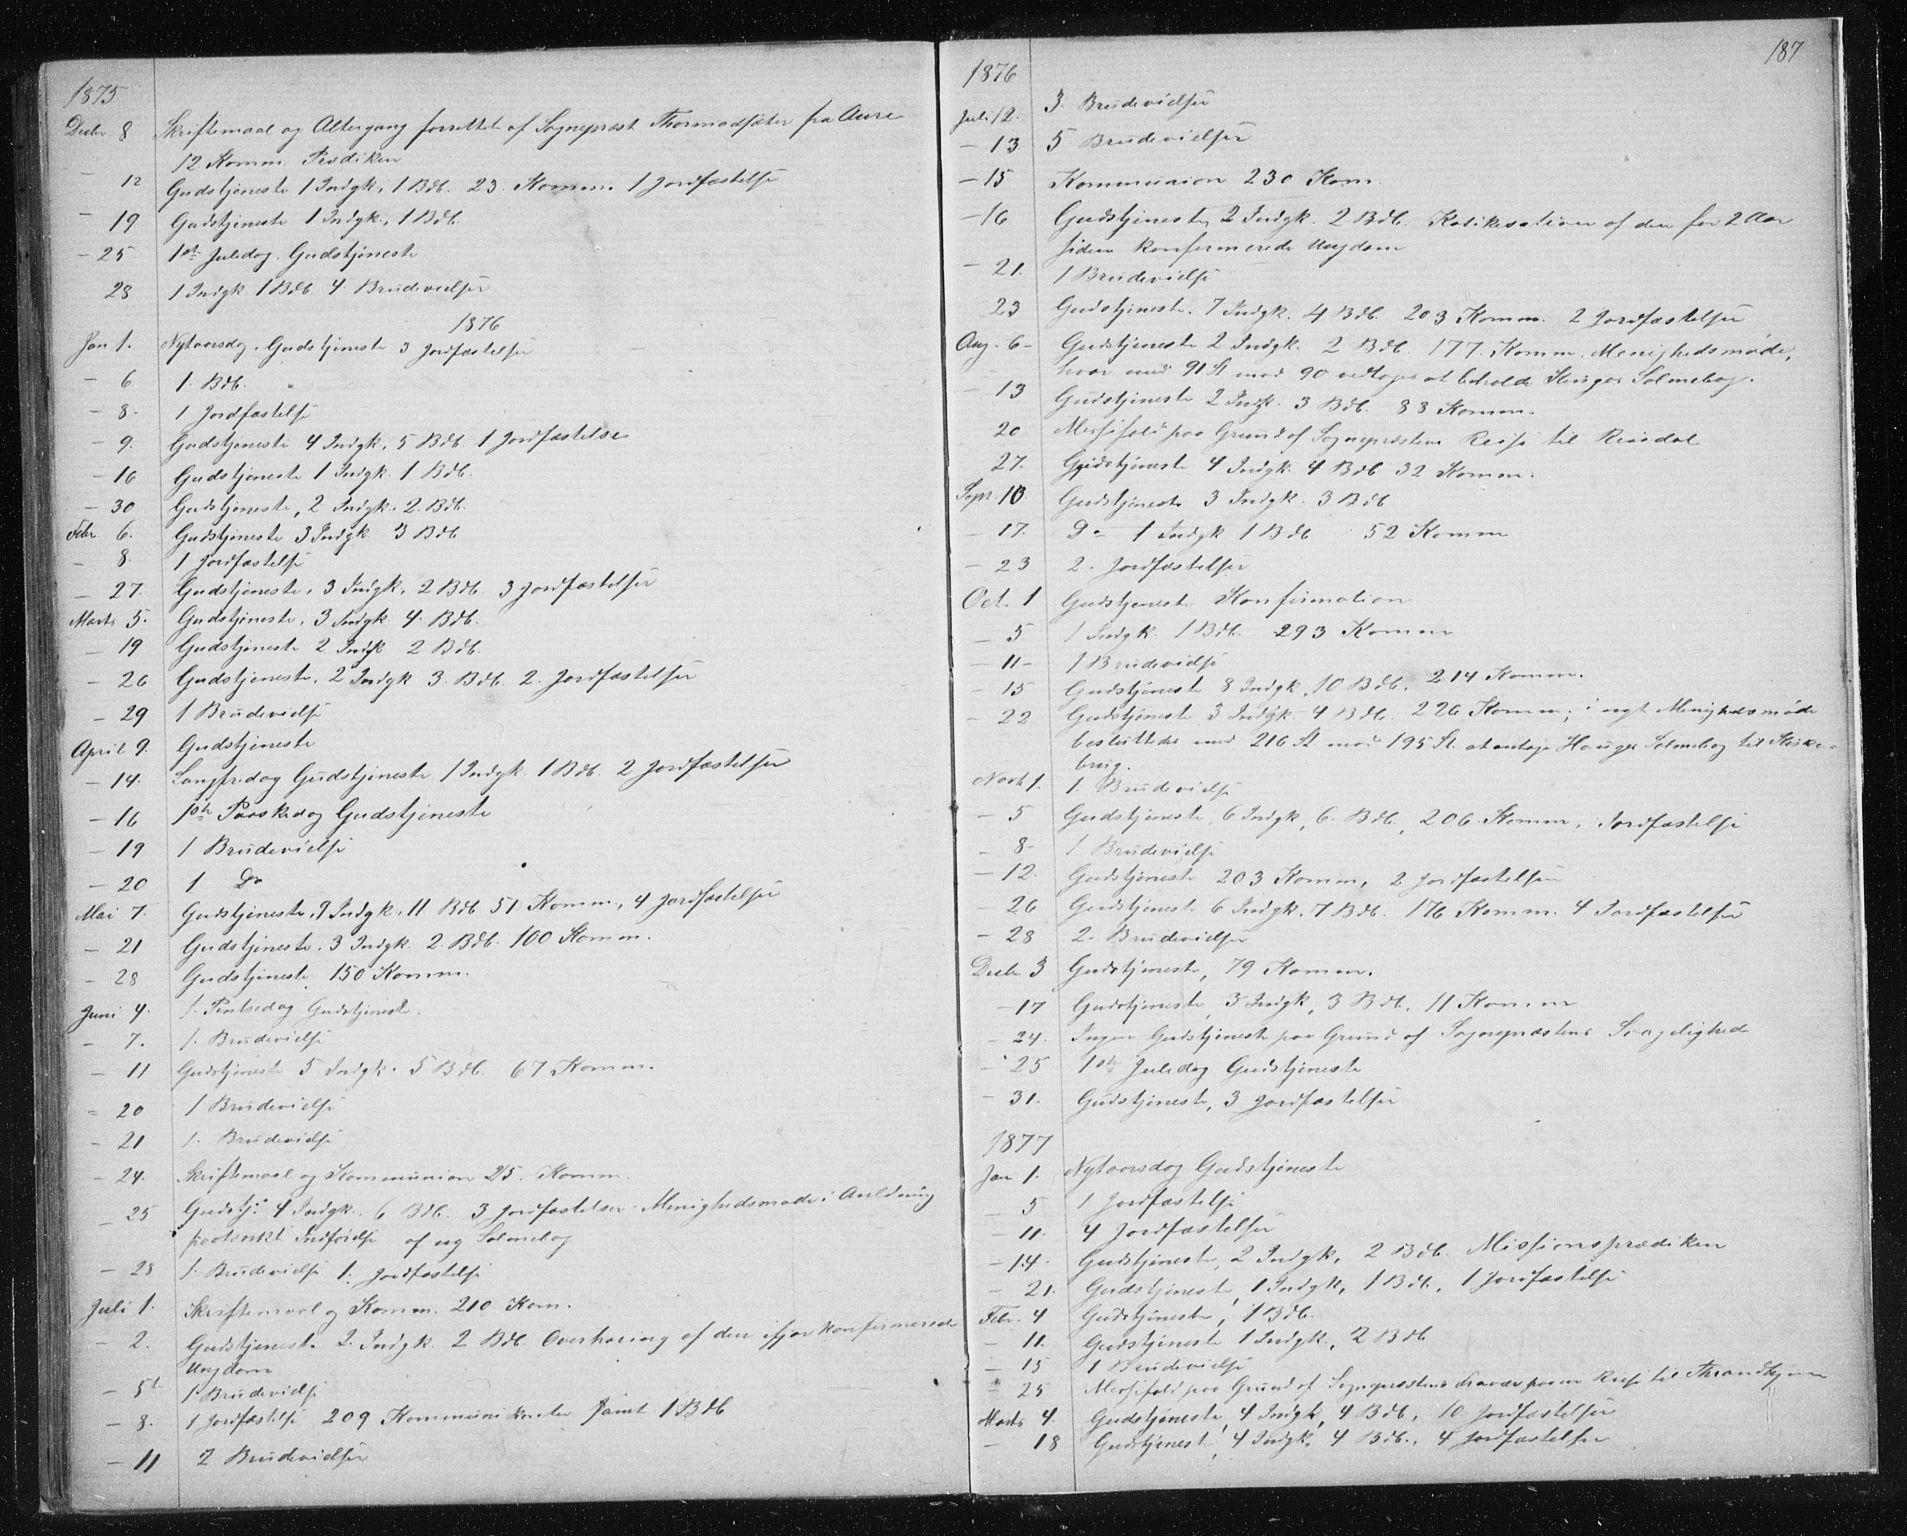 SAT, Ministerialprotokoller, klokkerbøker og fødselsregistre - Sør-Trøndelag, 630/L0503: Klokkerbok nr. 630C01, 1869-1878, s. 187